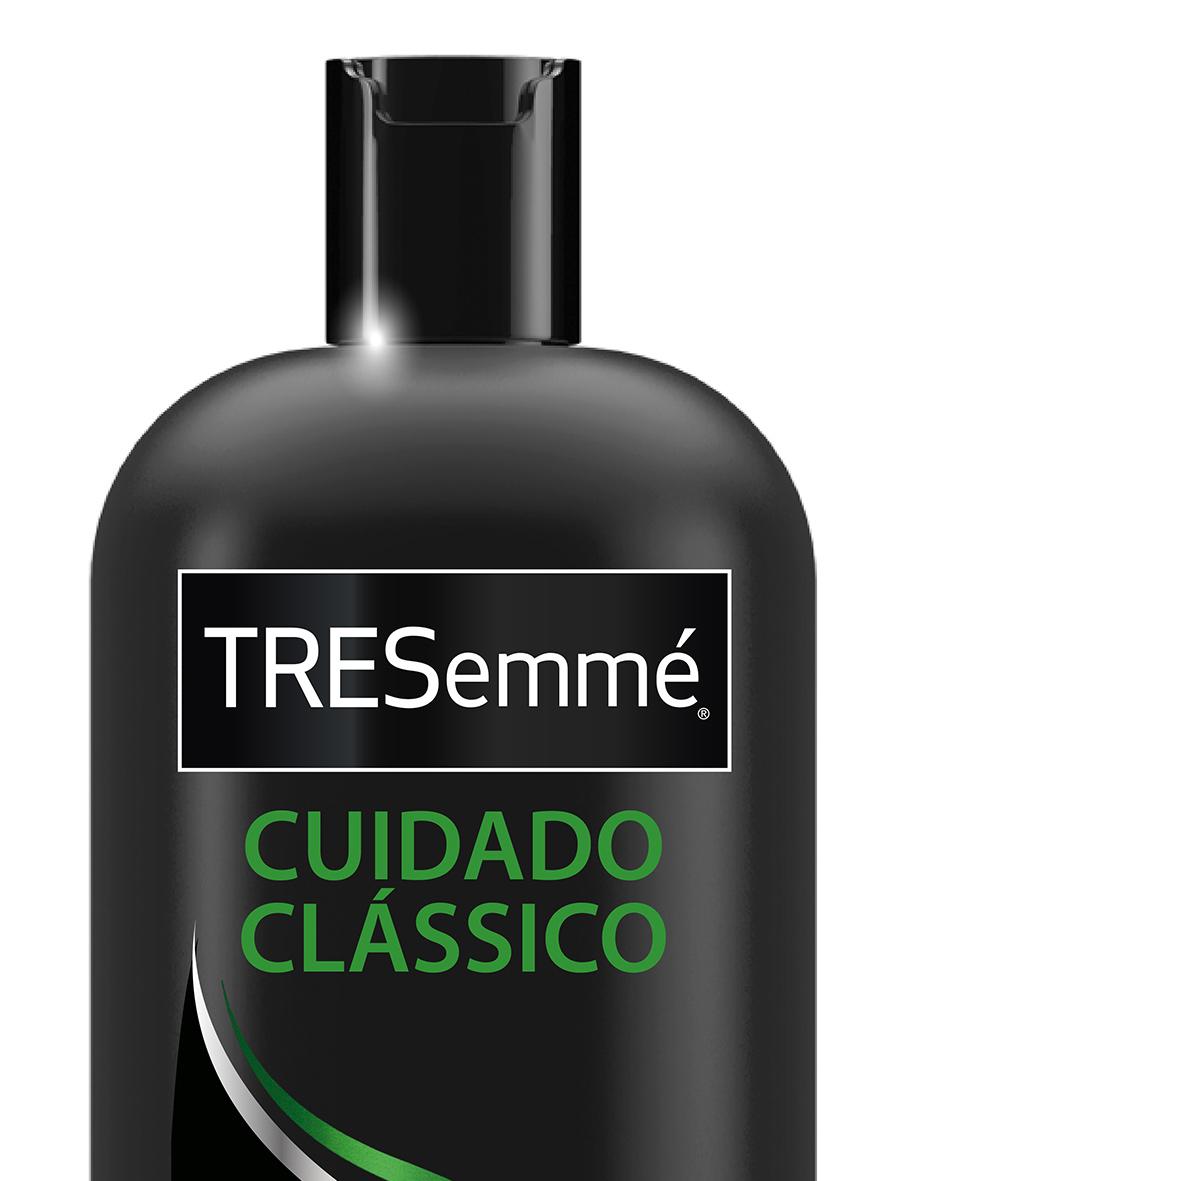 Champo Cuidado Clássico Tresemmé 500ml